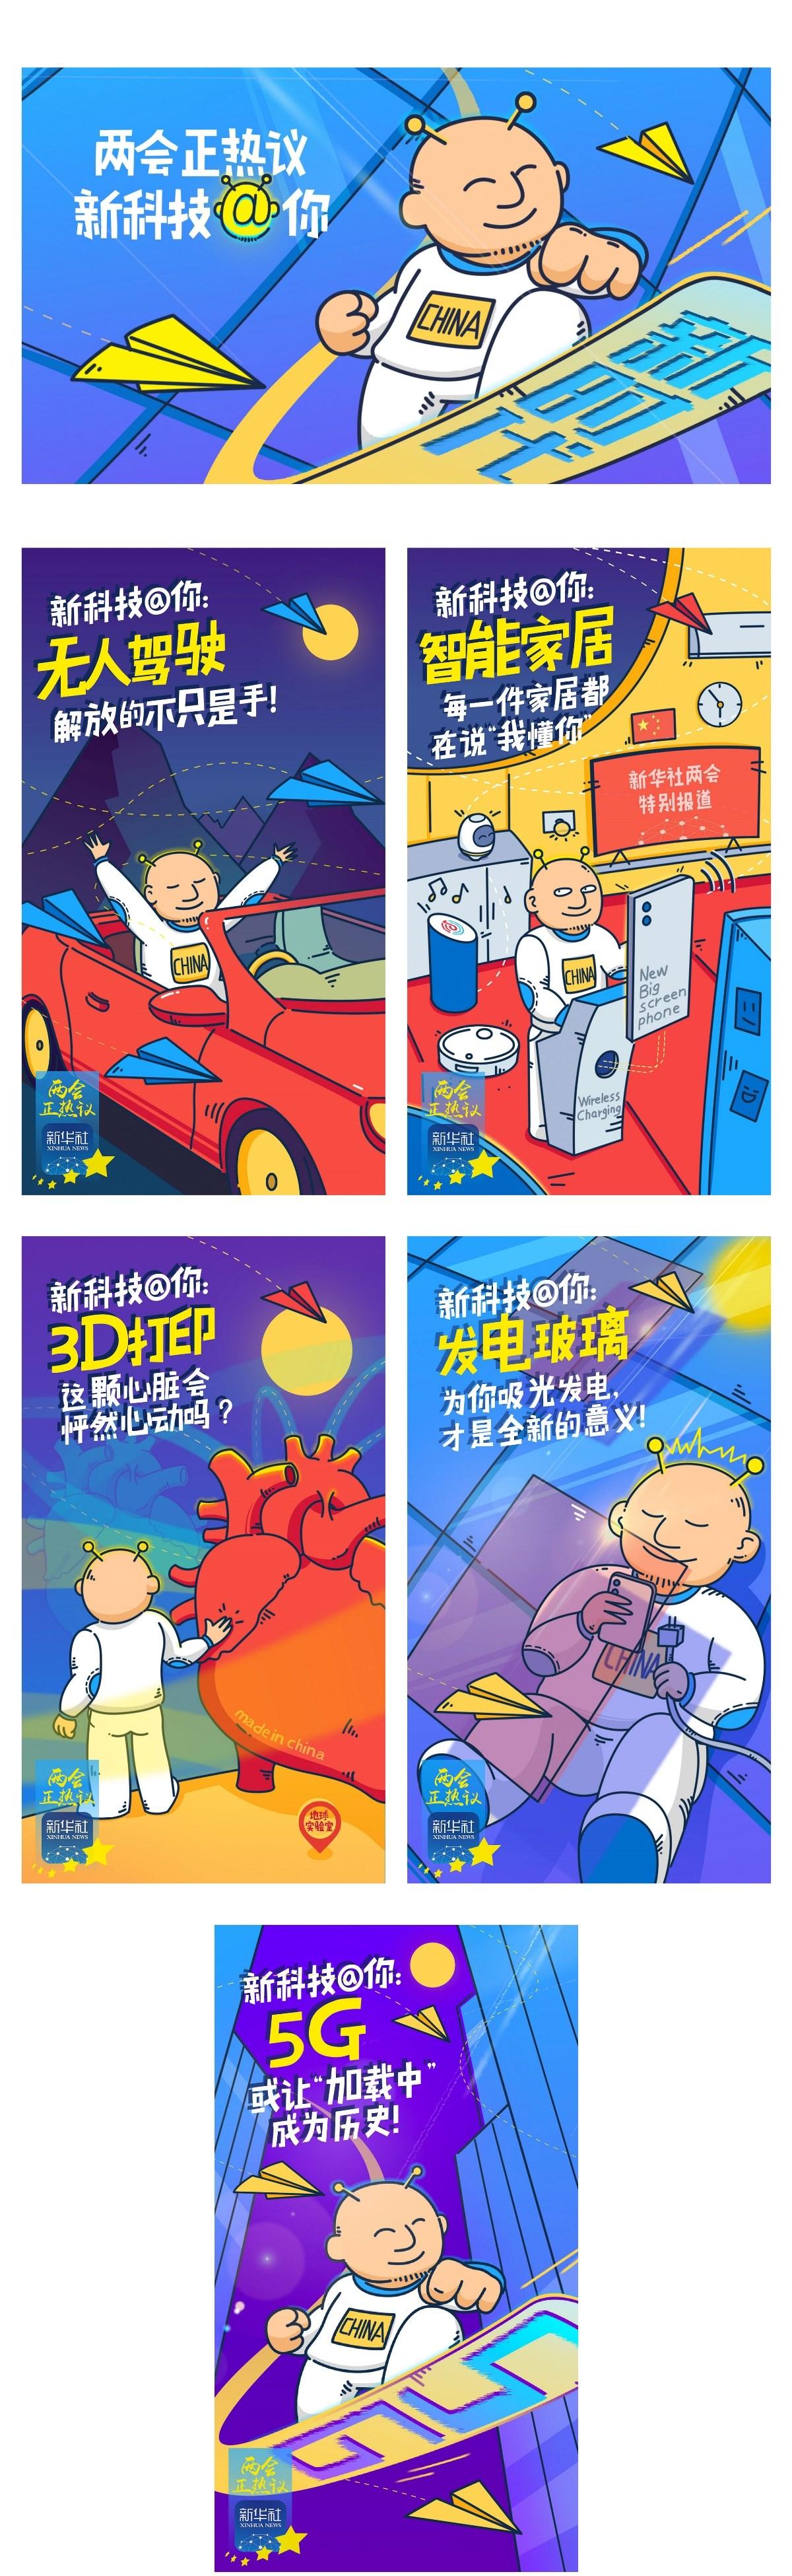 新科技@你系列海报